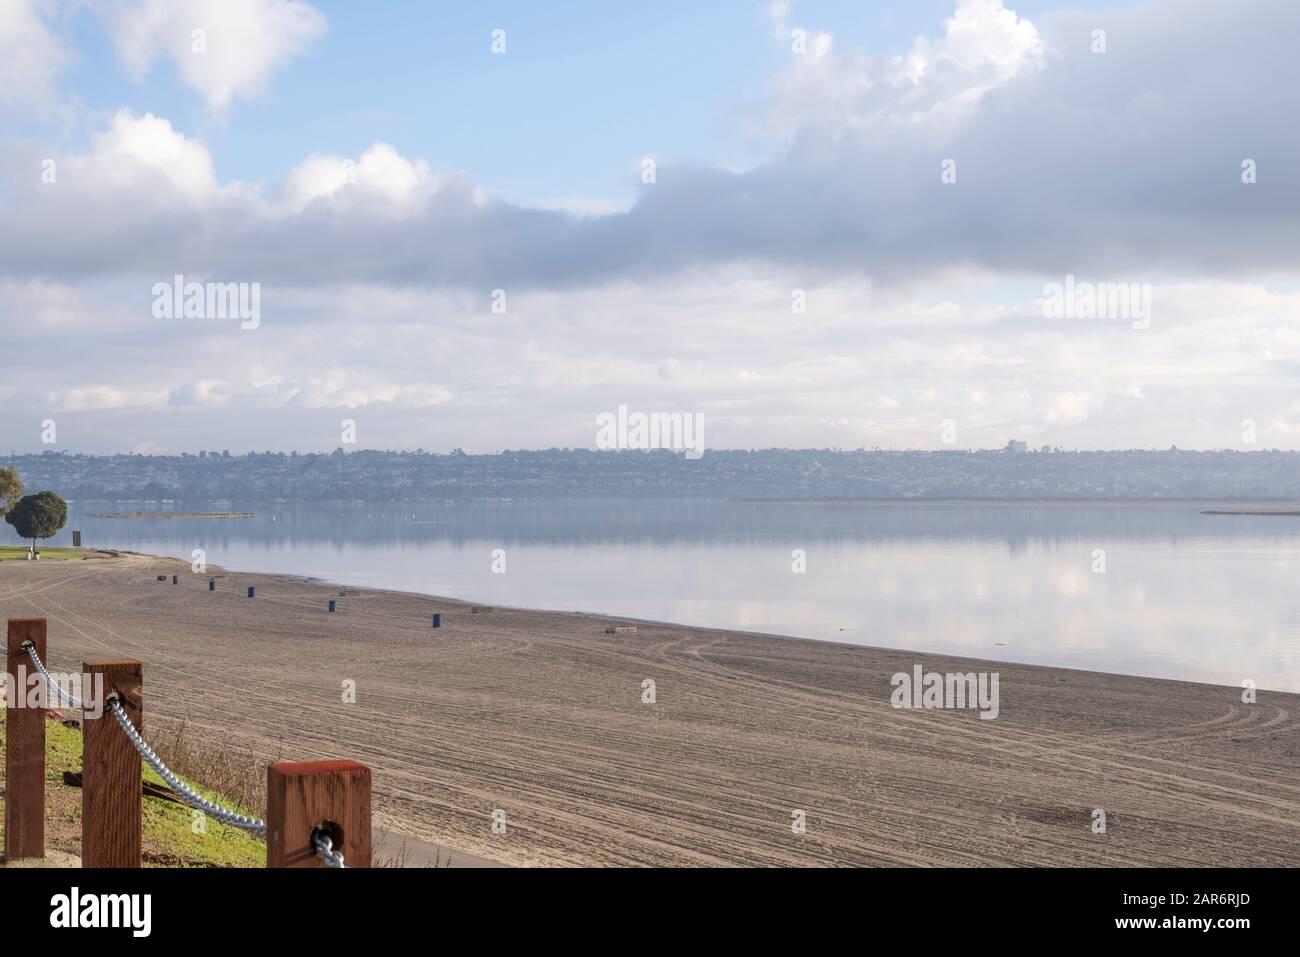 Mission Bay Park en una mañana nublada. San Diego, California, Estados Unidos. Foto de stock